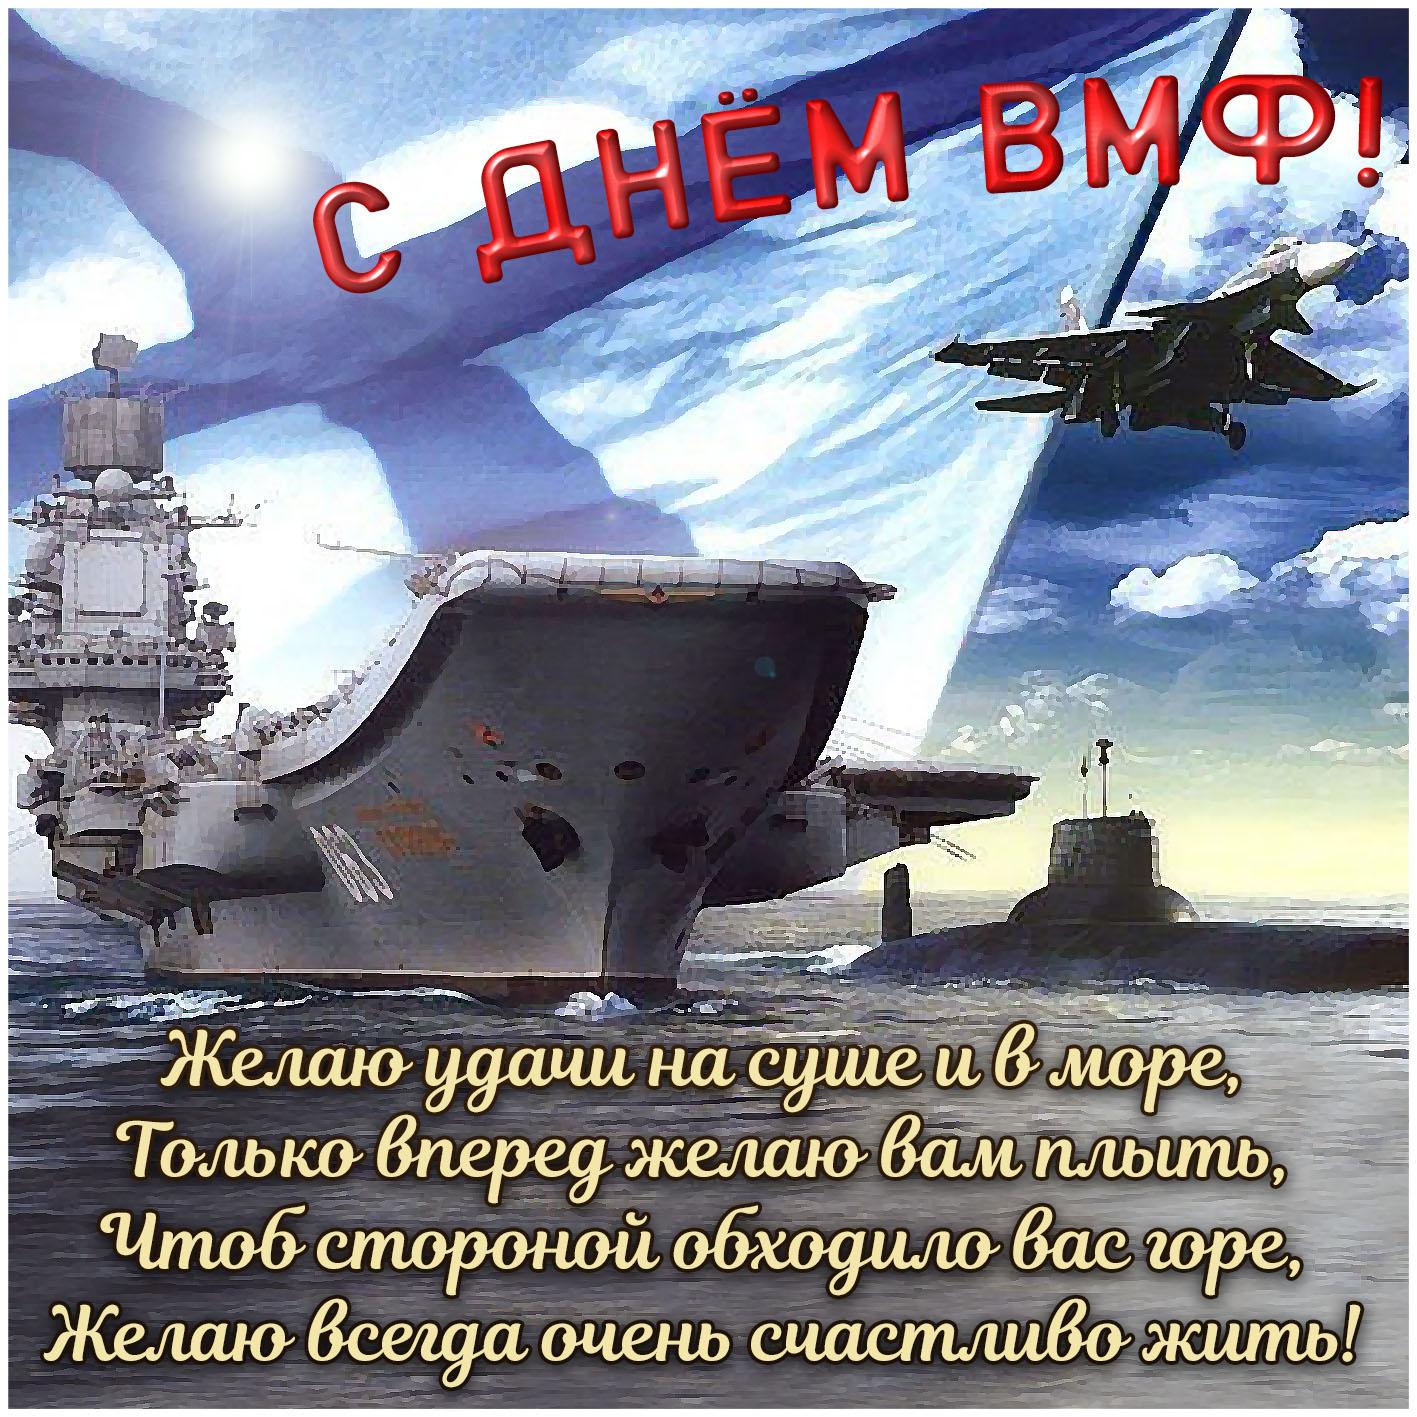 Картинки с вмф россии открытки